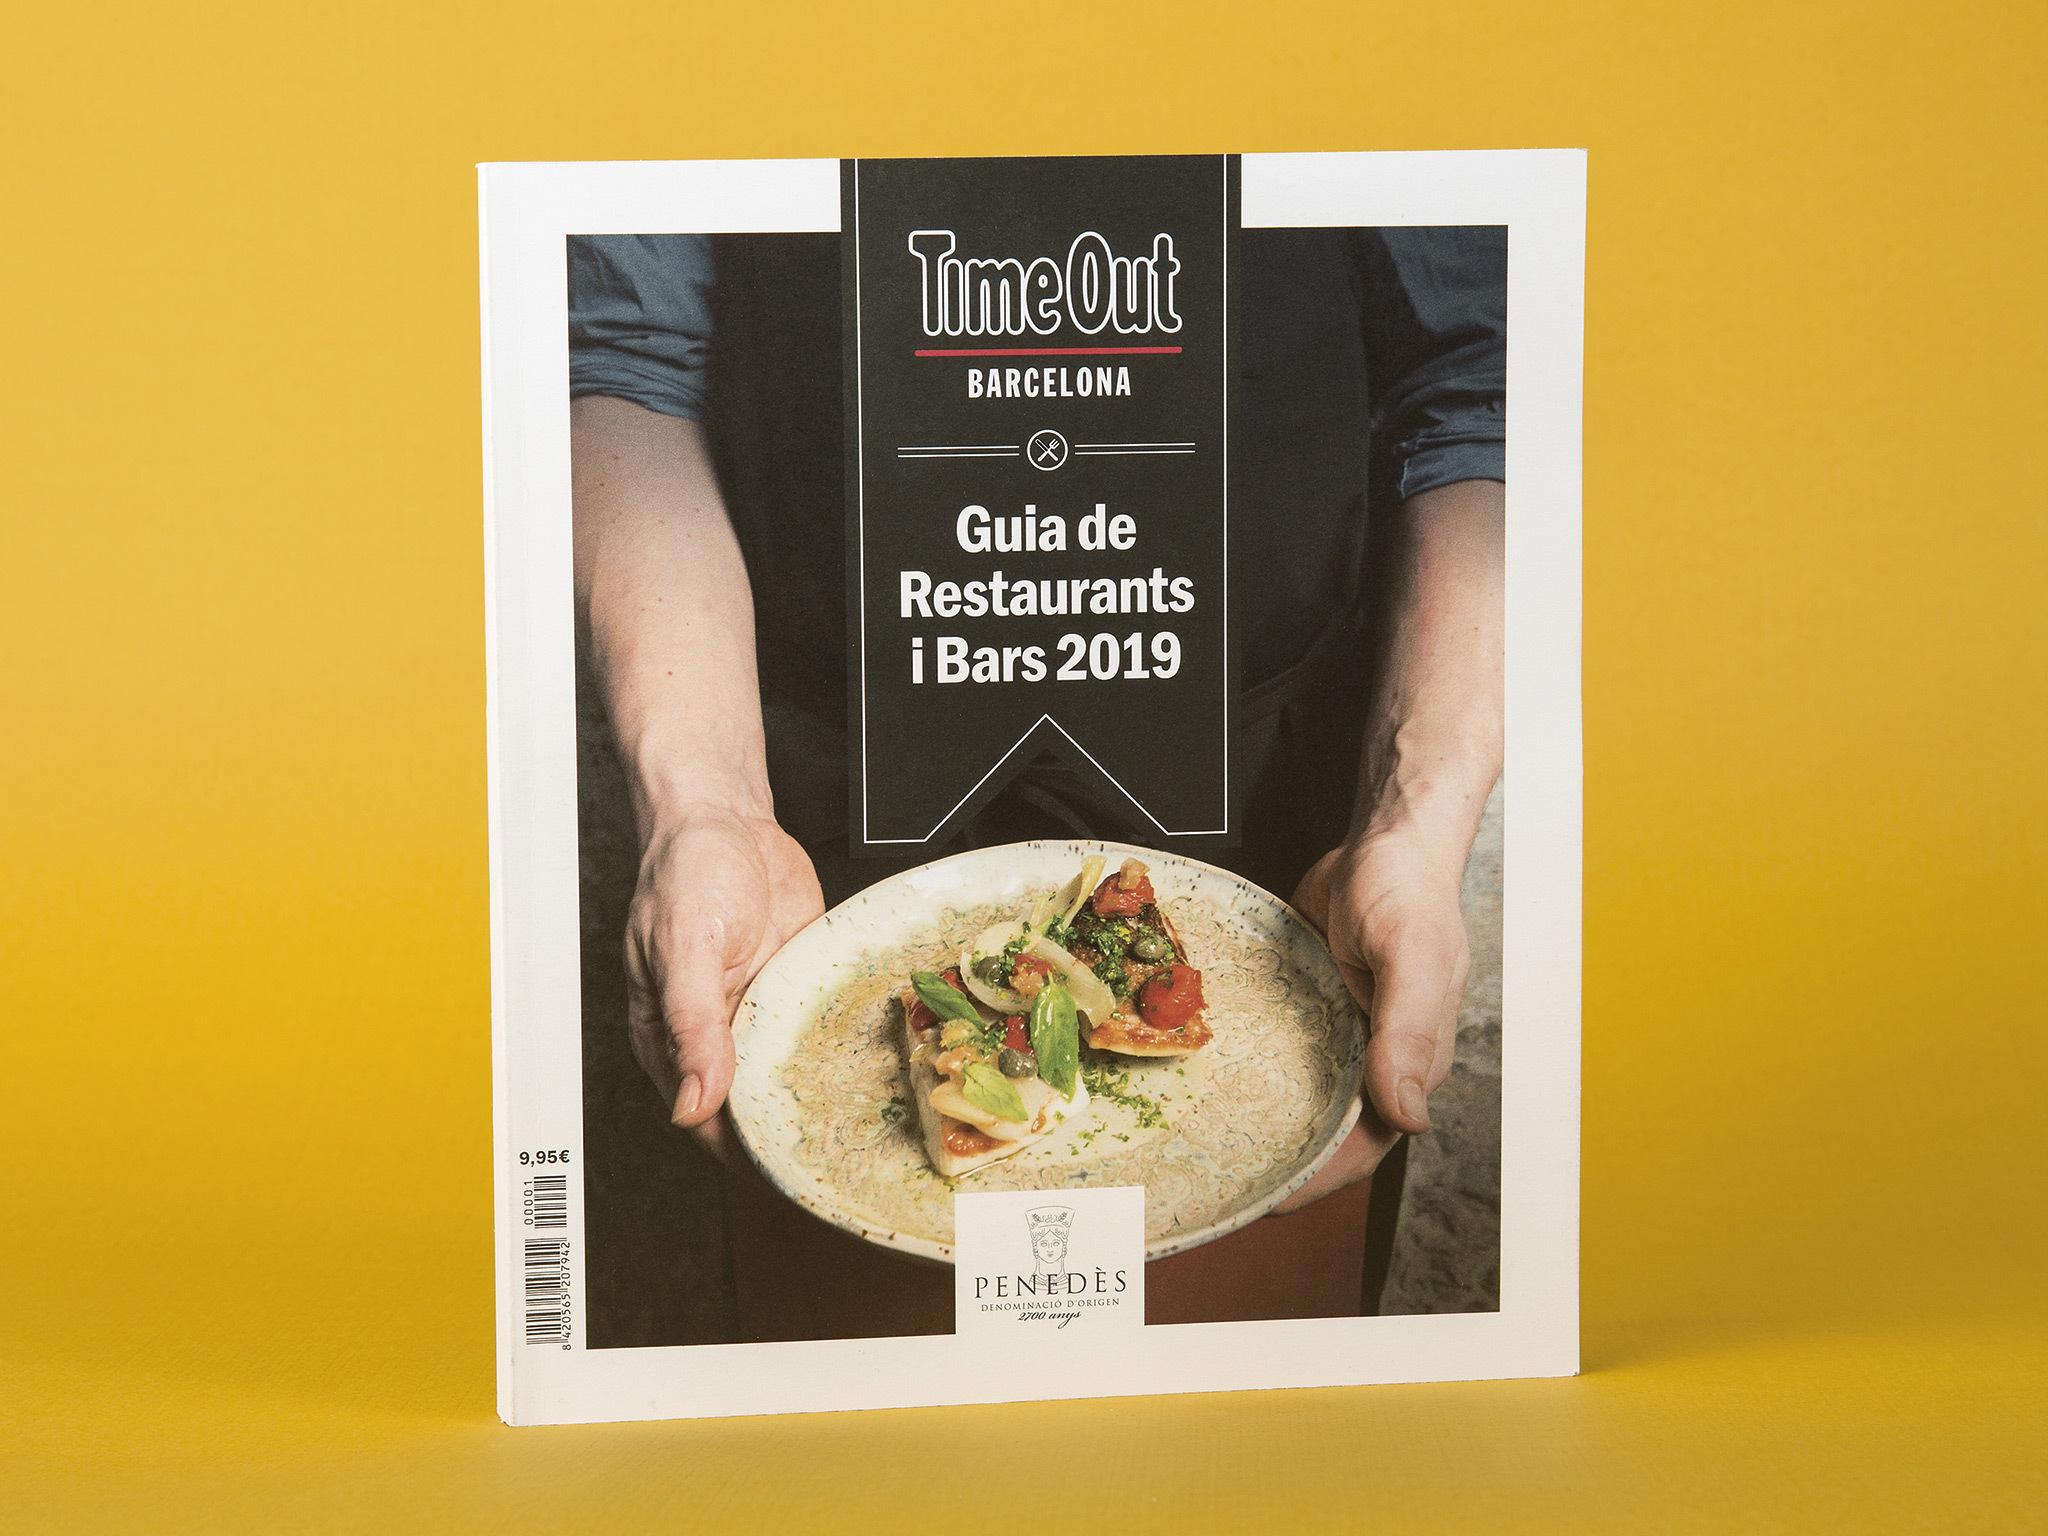 Guia de Restaurants i Bars 2019